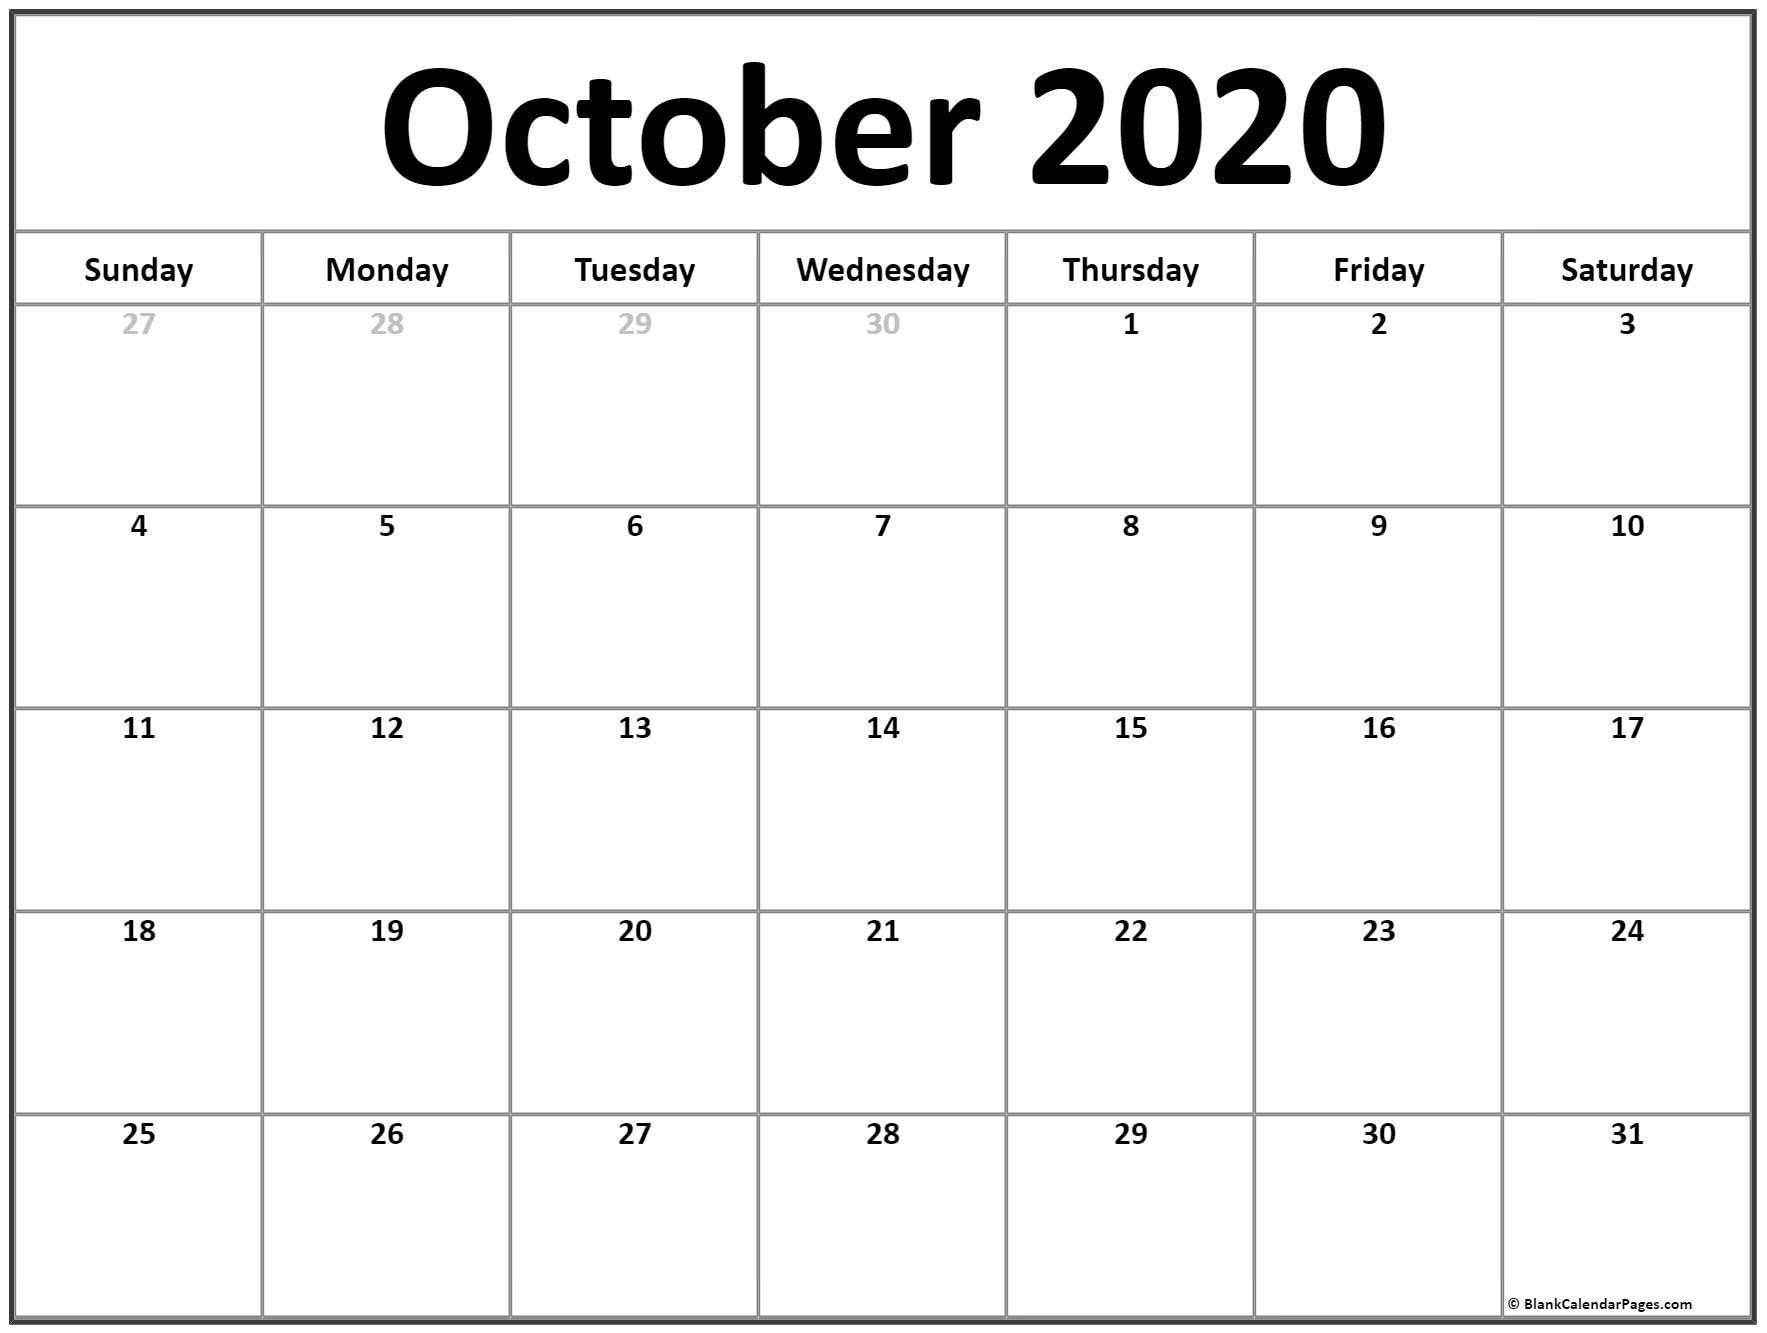 Zodiac Calendar October 2020 | Calendar Printables Free